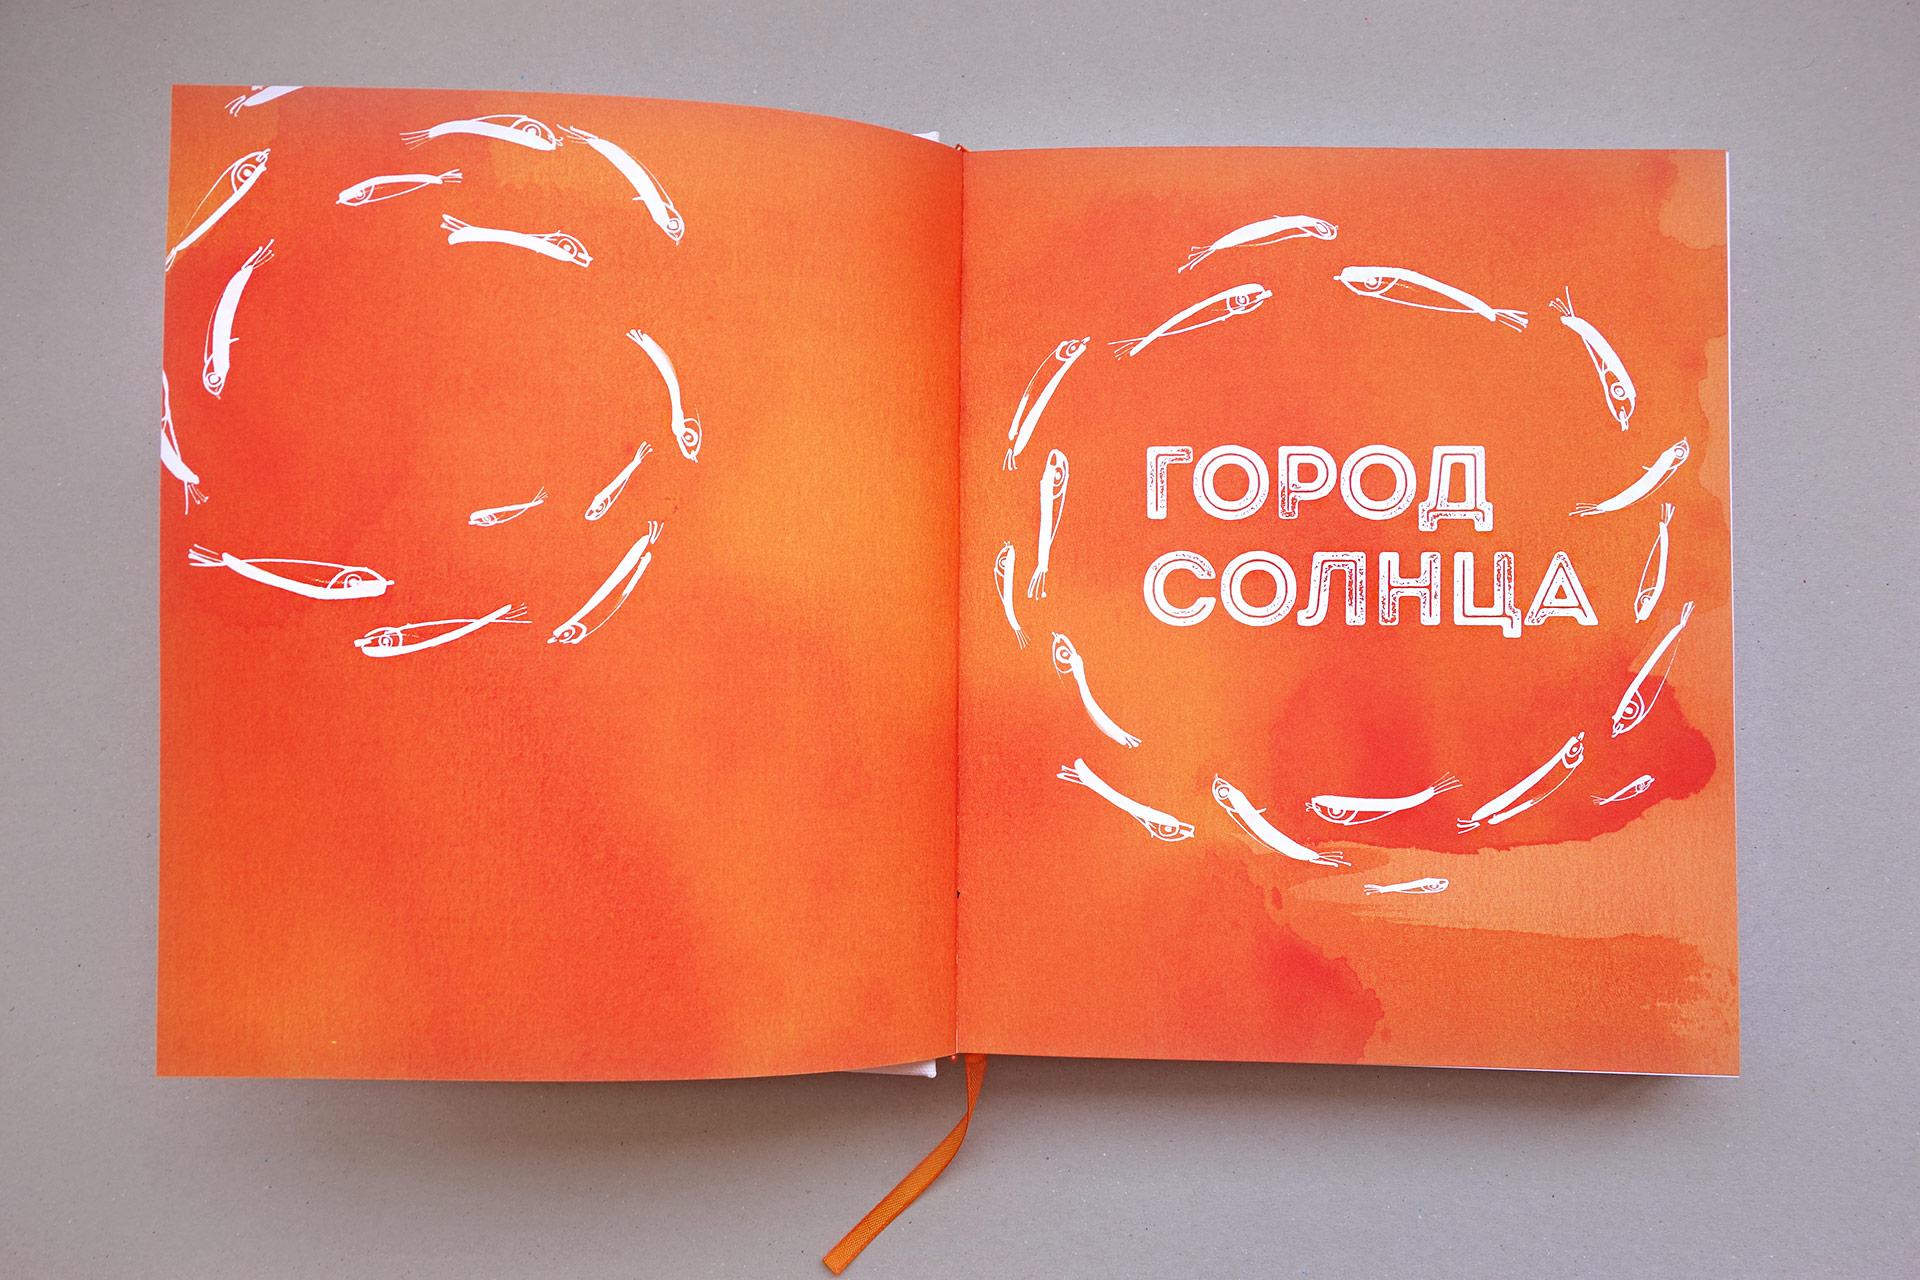 Агентство Asgard Branding, юбилейный альбом, дизайн, печать, печатные издания, дизайн книги, Георгий Голубенко, шмуцтитул